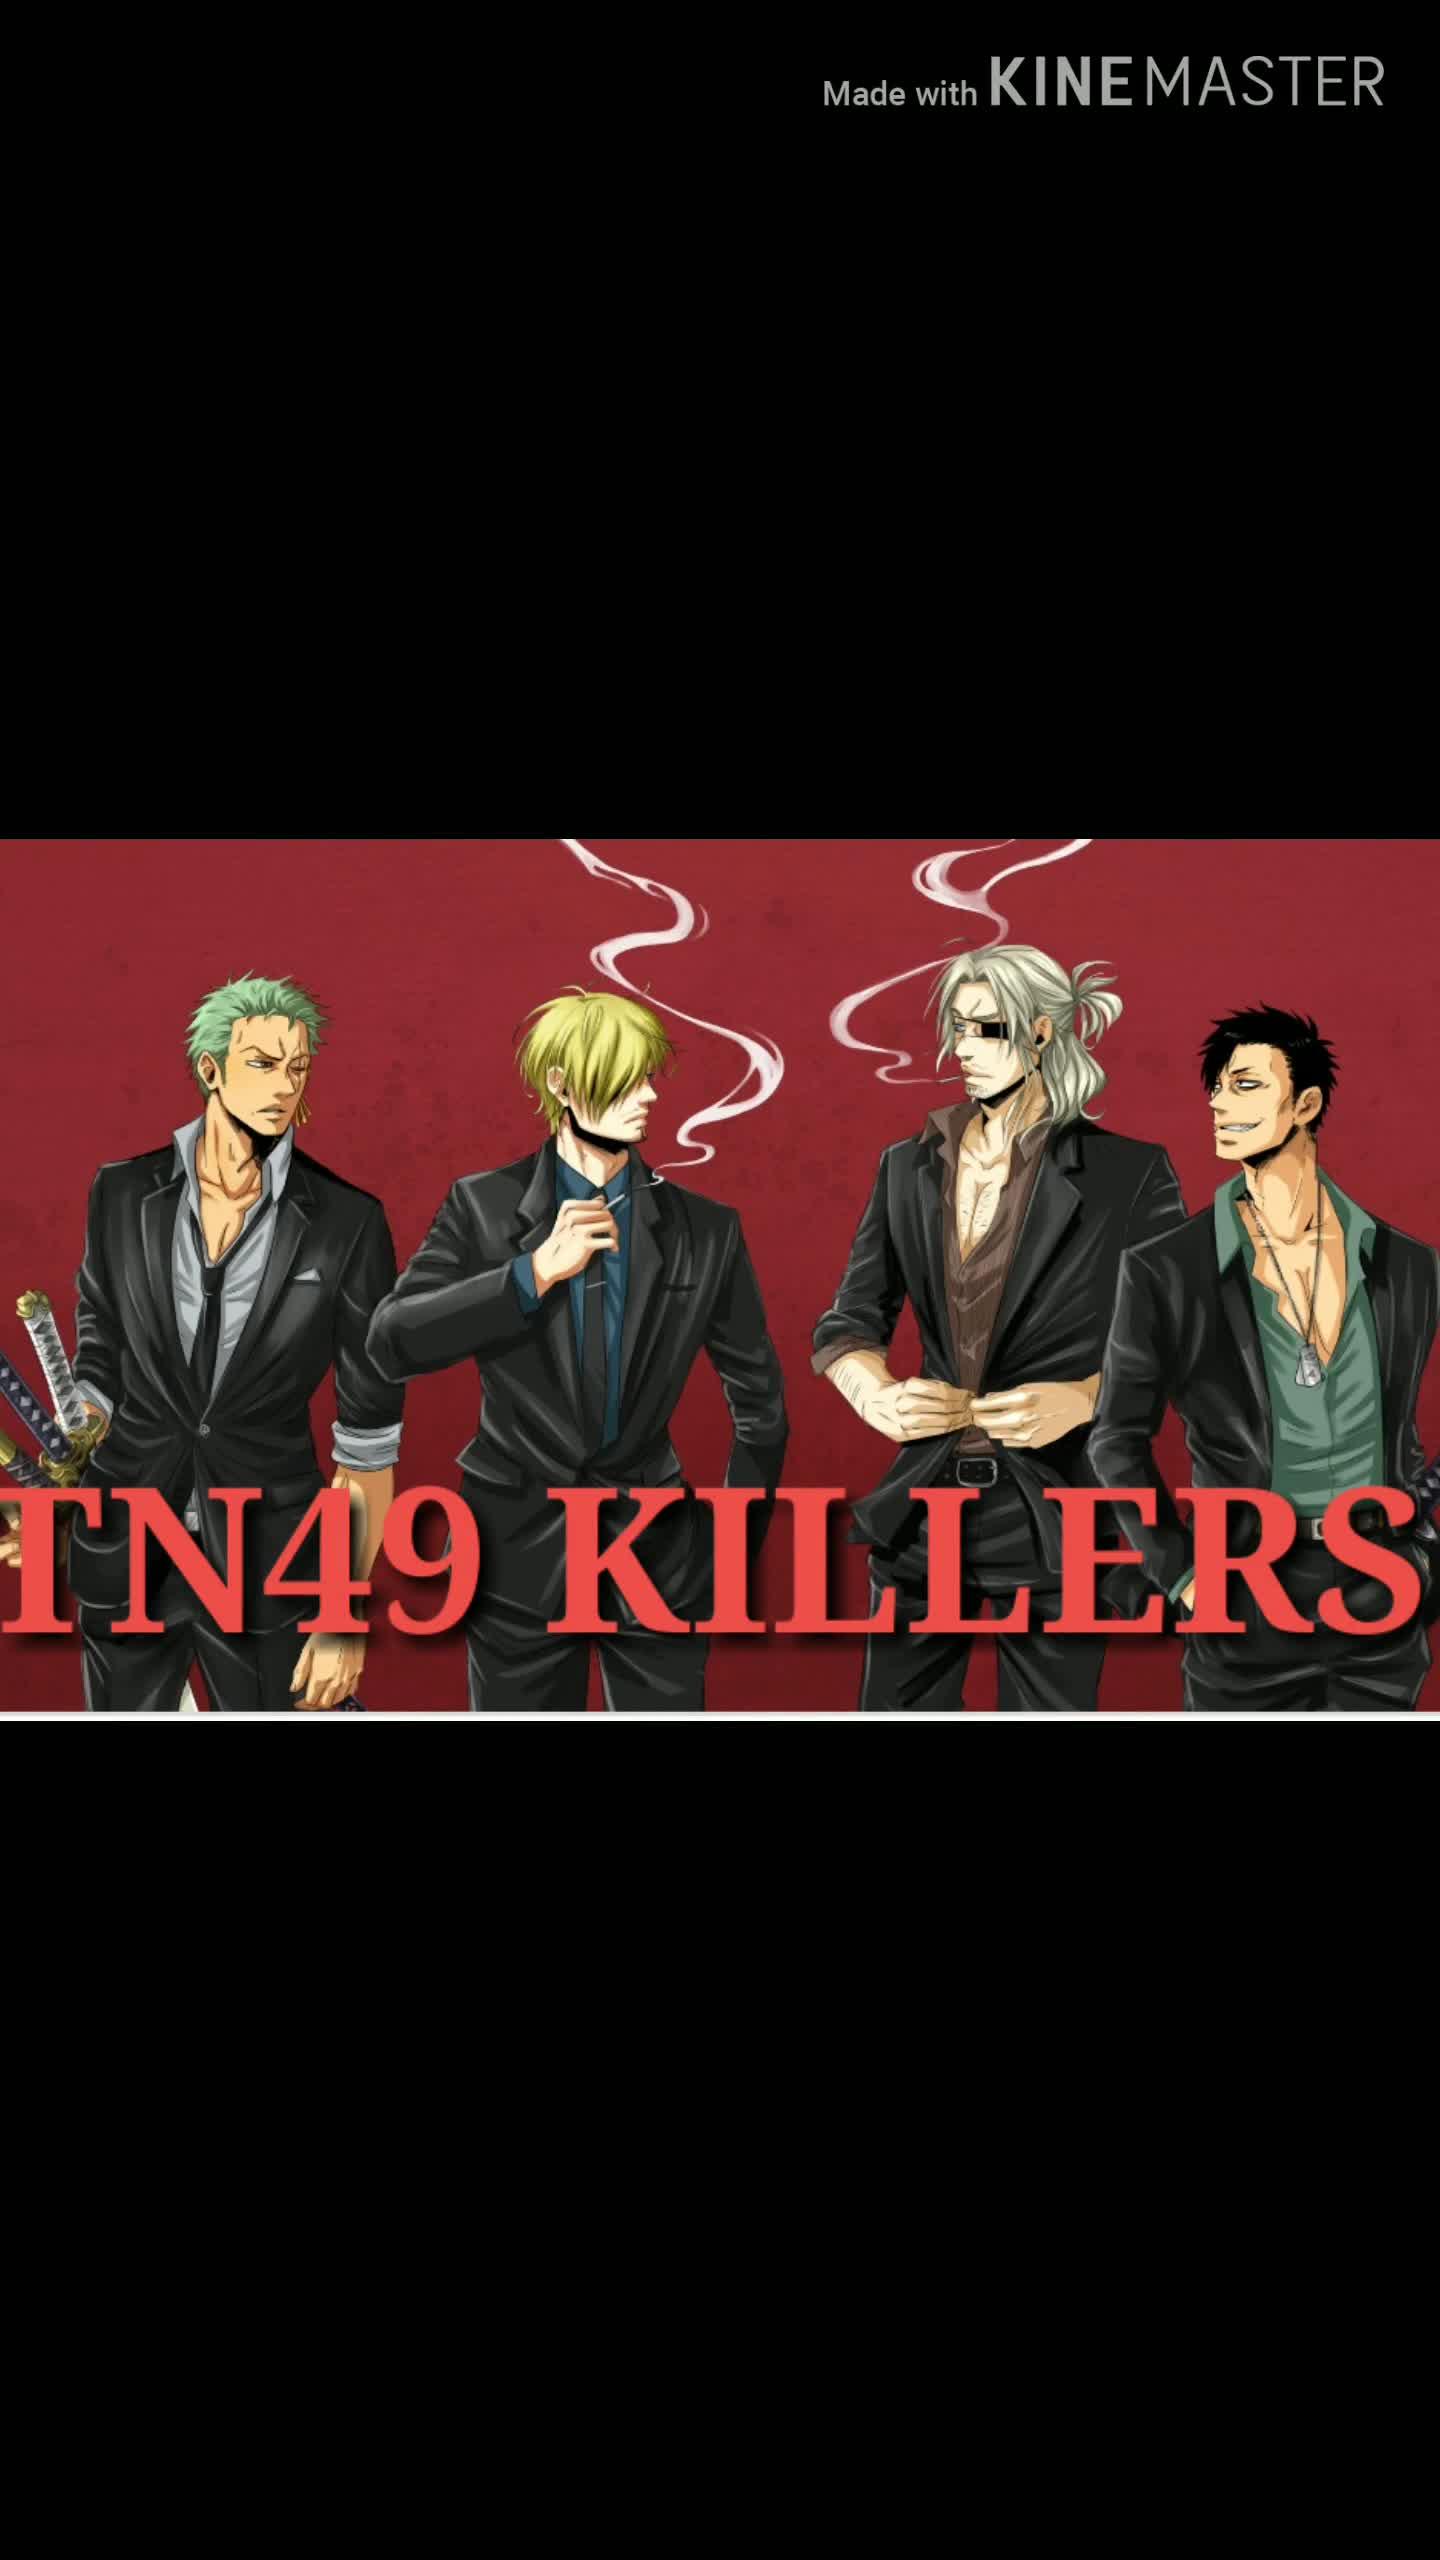 தஞ்சாவூர் தமிழ் - Download from Made with KINEMASTER TN49 KILLERS Download from Made with KINEMASTER IN49 KILLERS - ShareChat